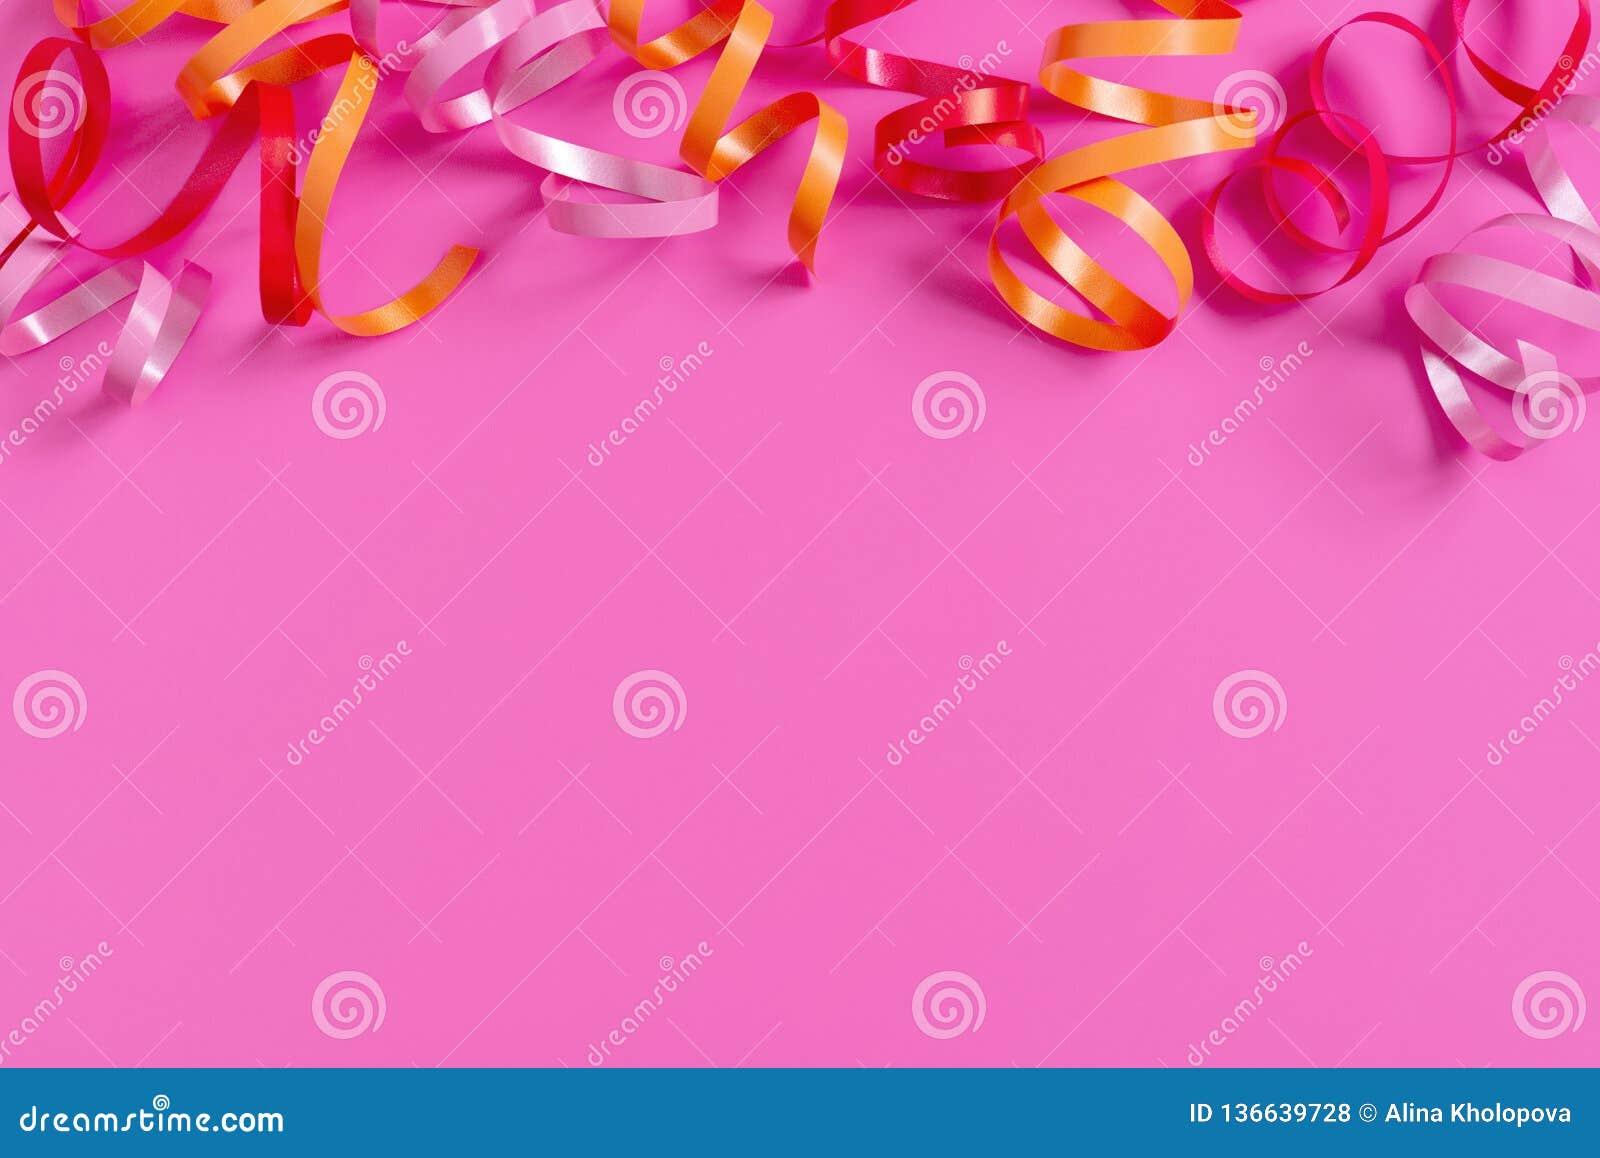 Heldere feestelijke roze achtergrond met wimpels